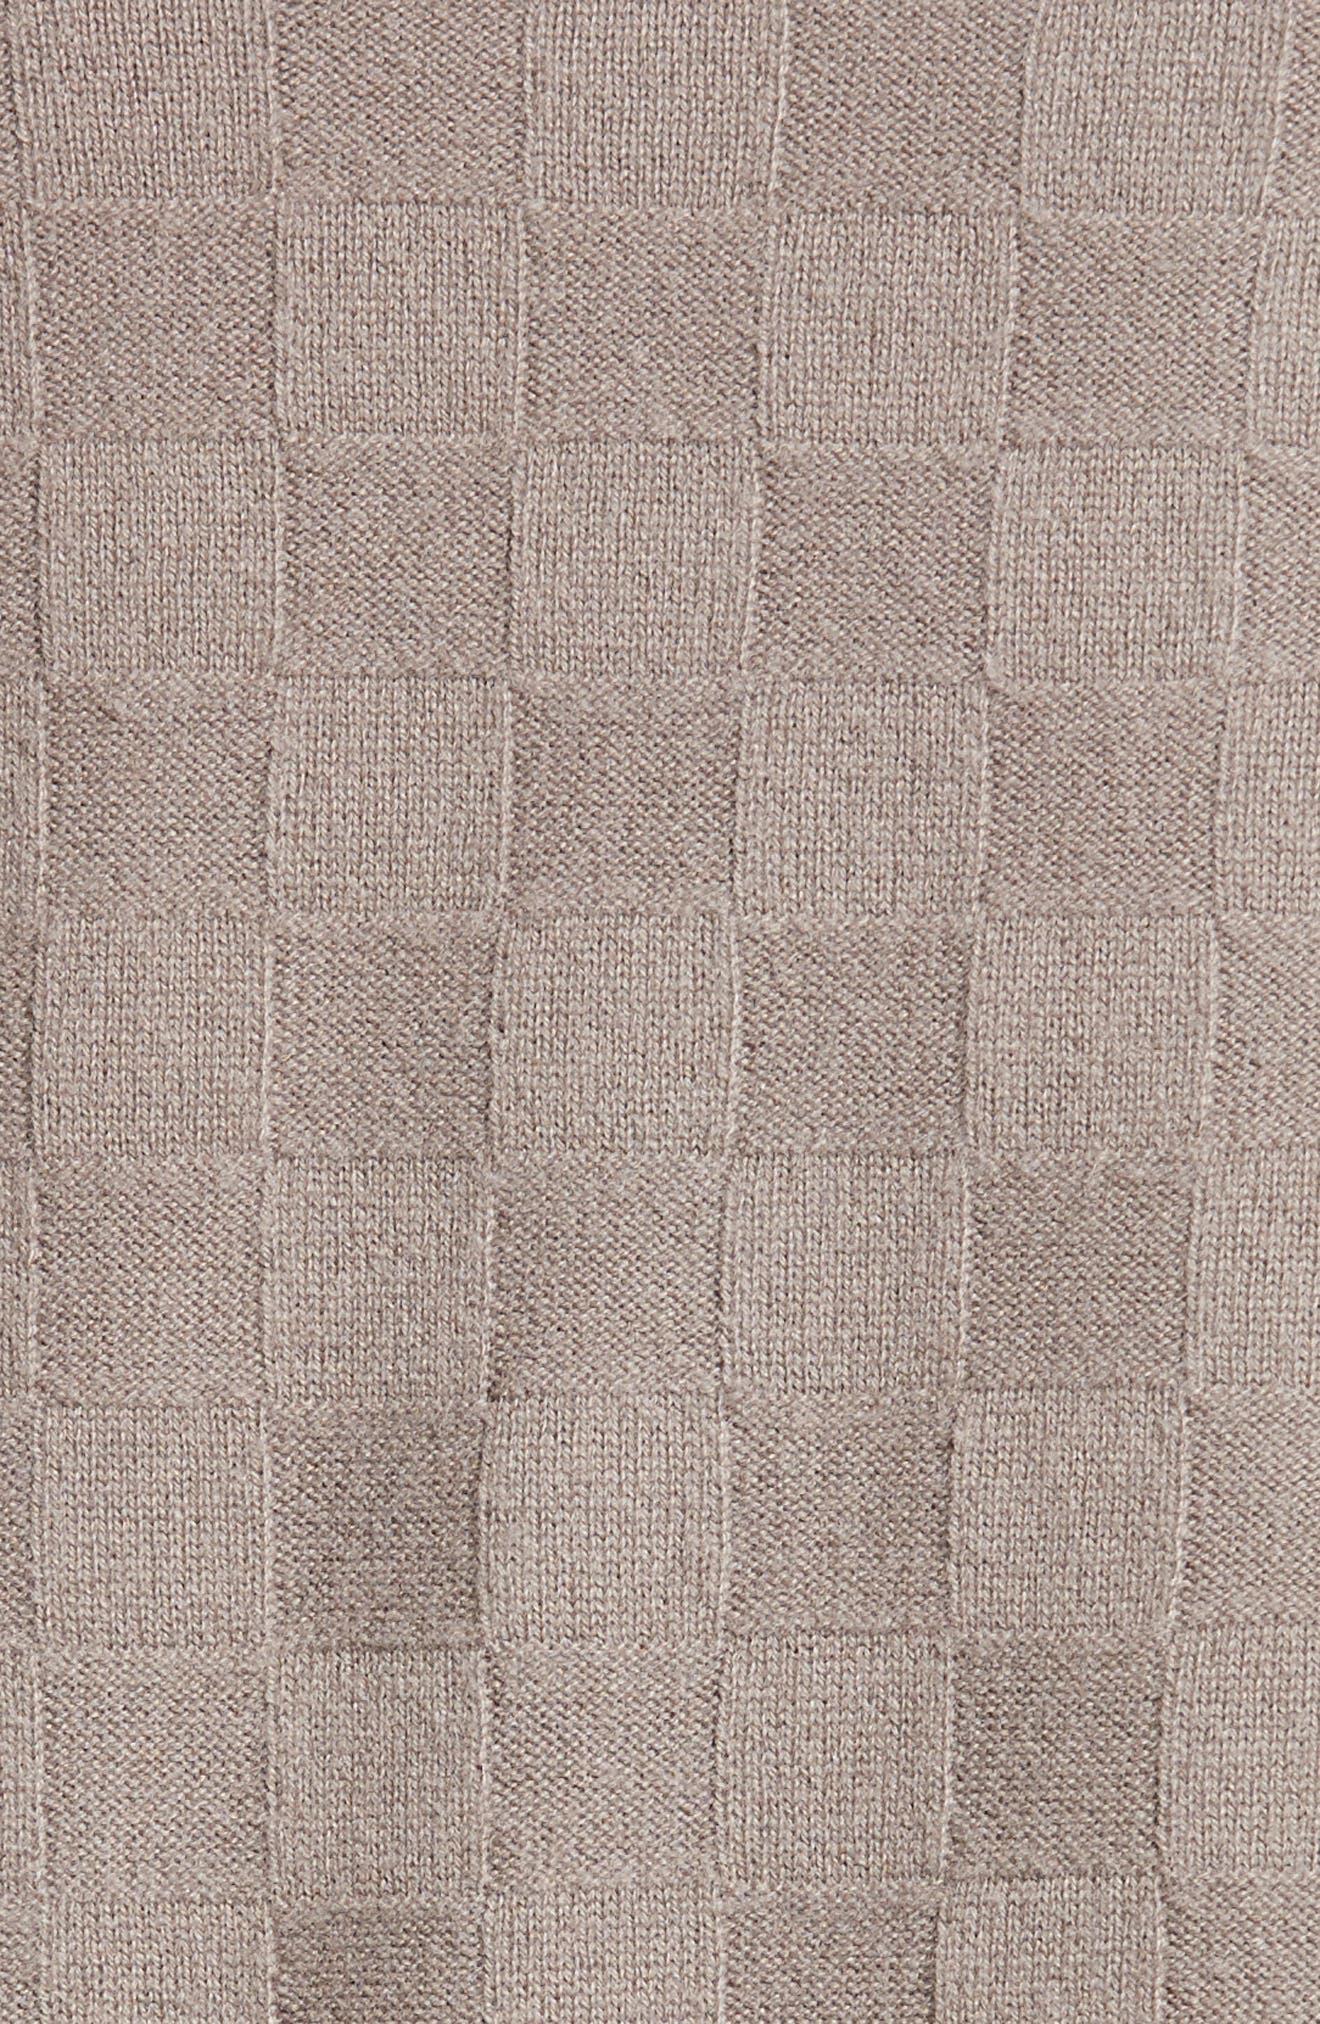 Alternate Image 3  - Armani Collezioni Checkerboard Cashmere Drape Cardigan